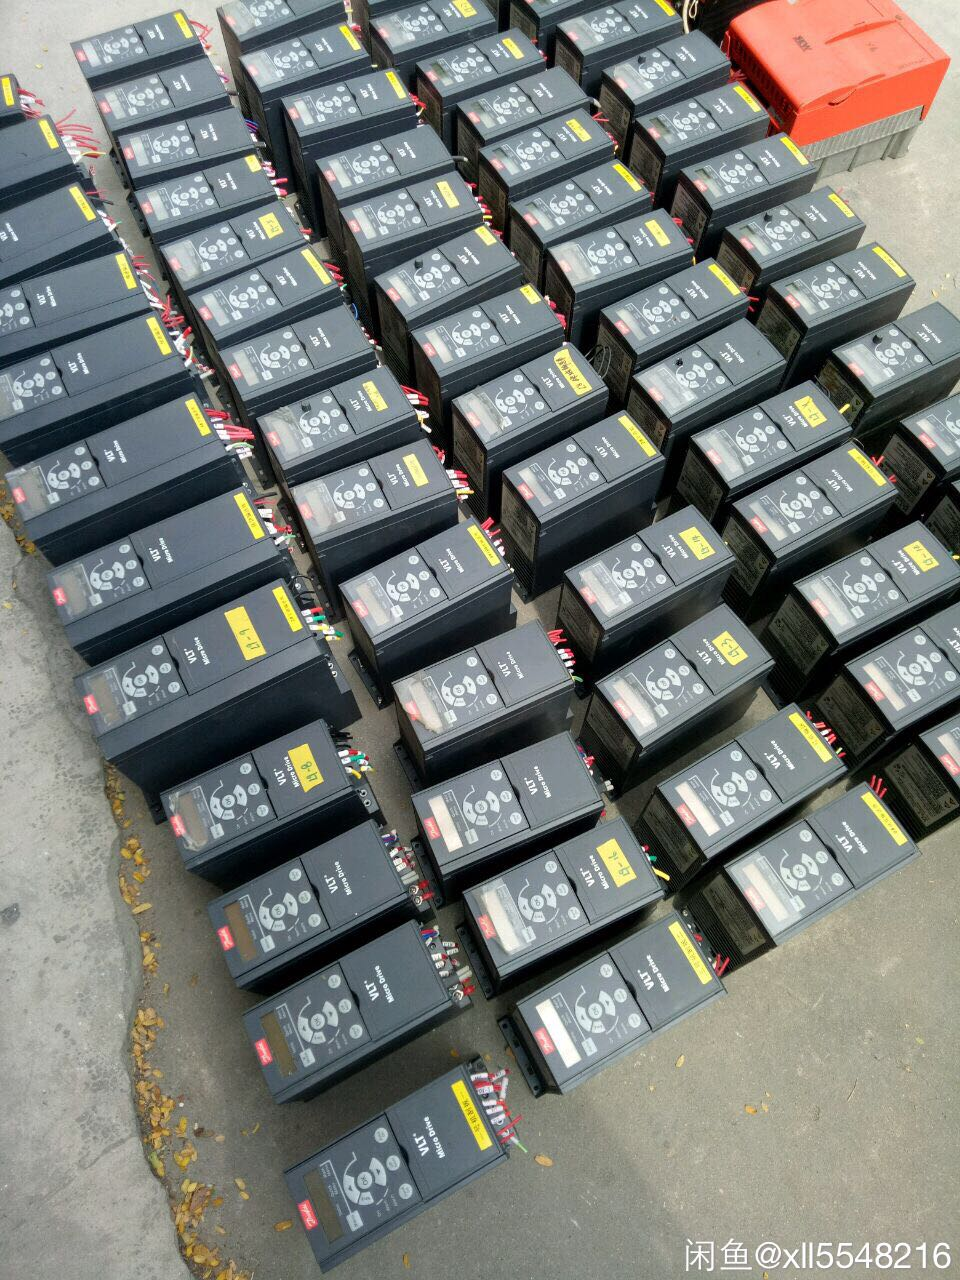 Danfoss frequency converter FC-051P3K0T4E20H3BXCXXXSXXX, 3KW, 380V. Almost new